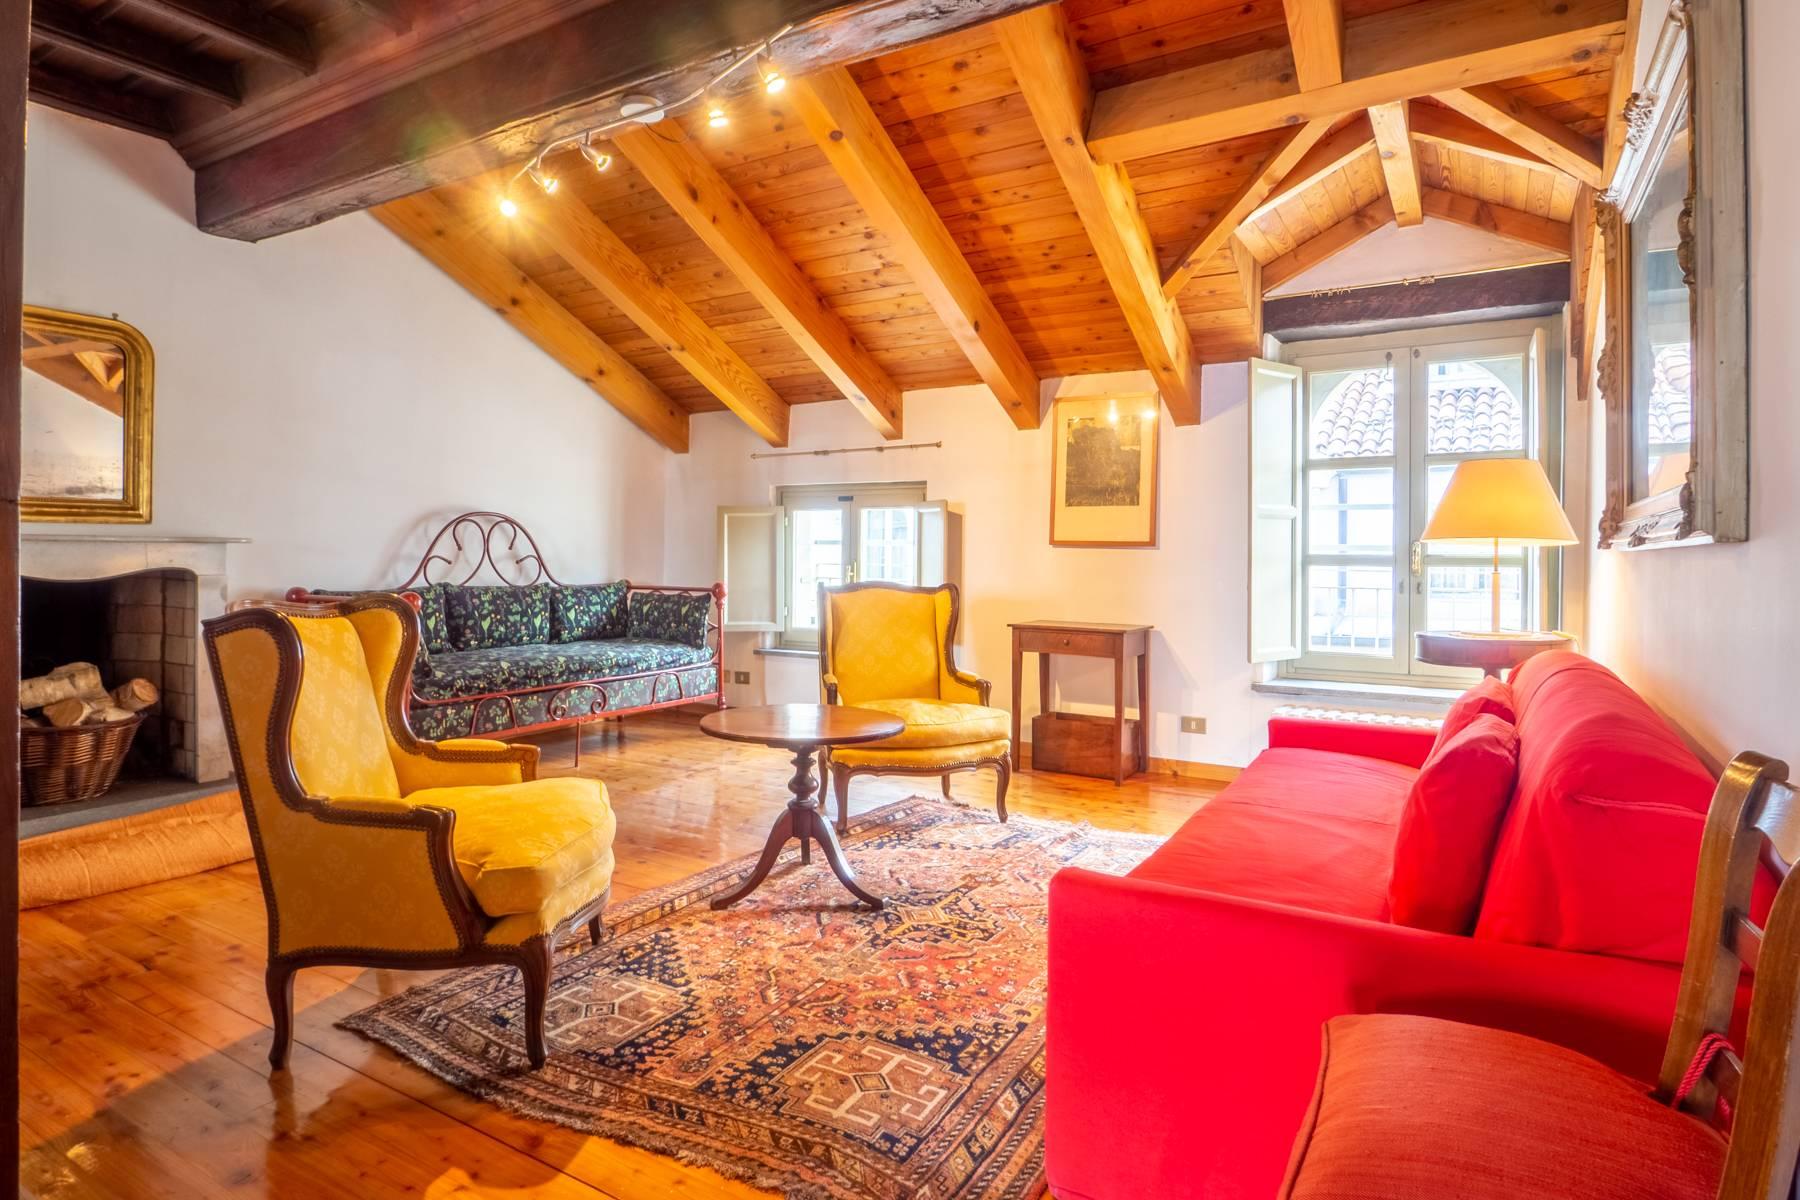 Appartamento in Vendita a Torino: 4 locali, 119 mq - Foto 3